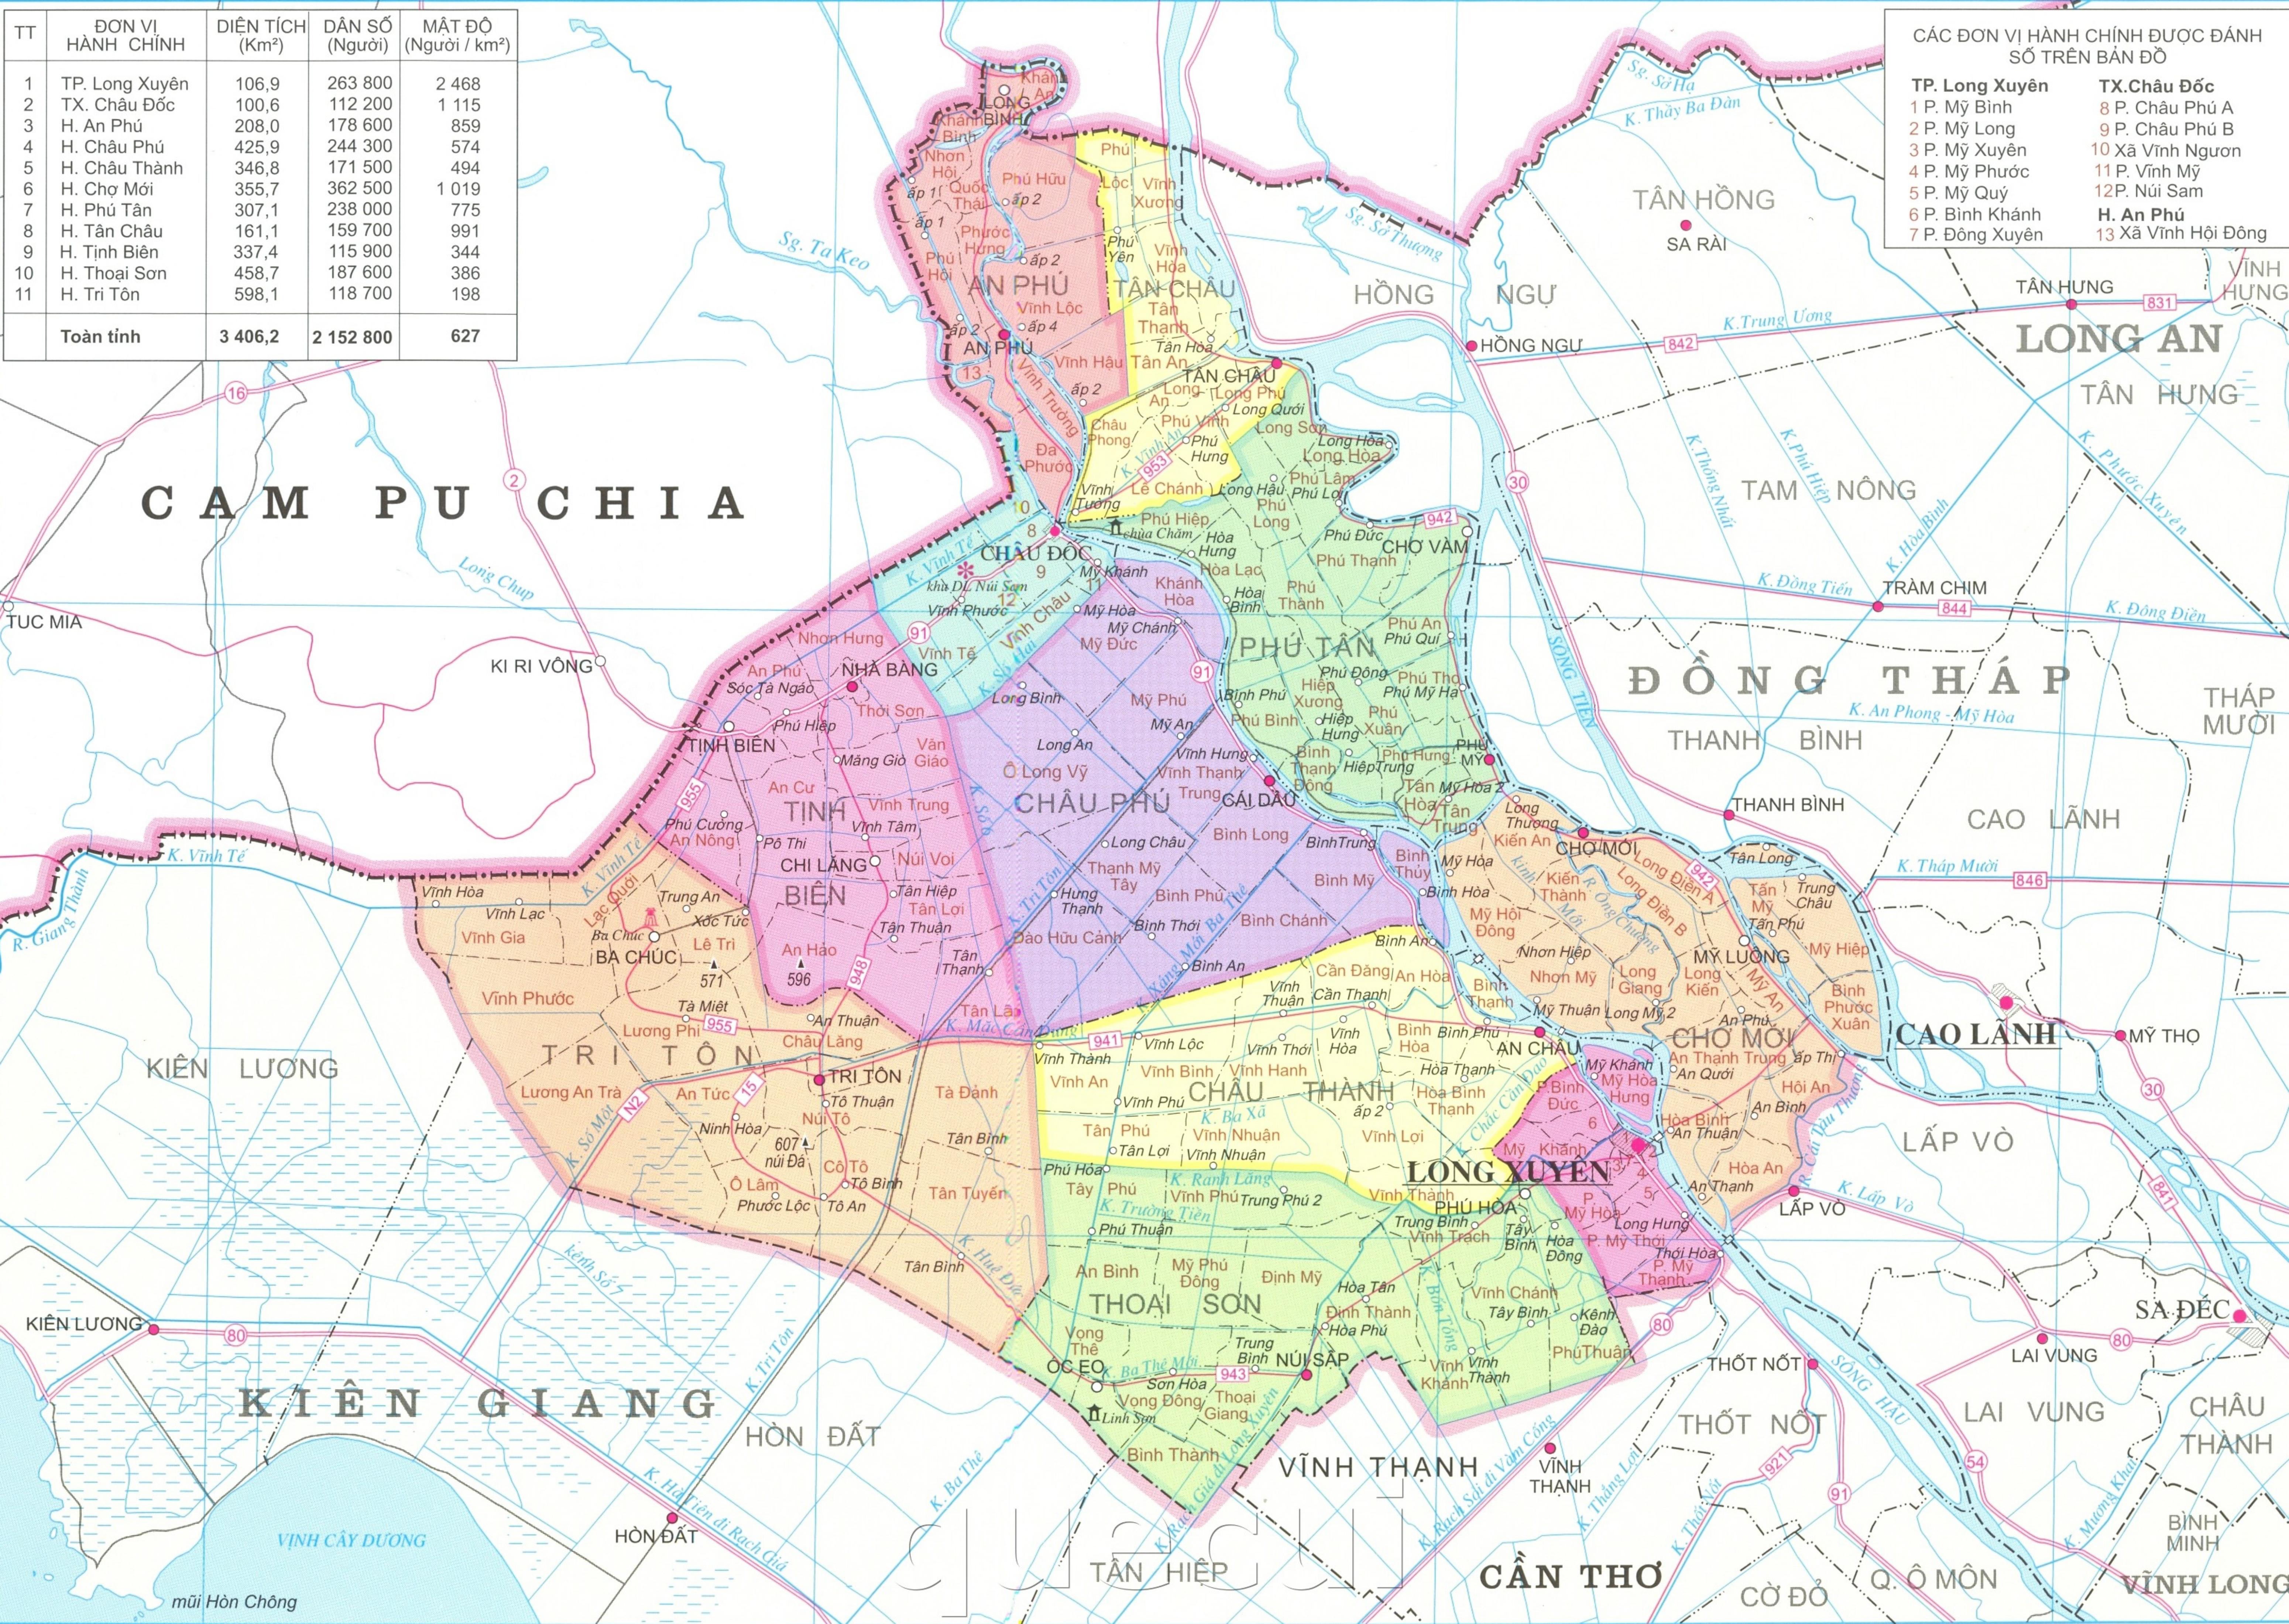 Bản đồ hành chính tỉnh An Giang khổ lớn